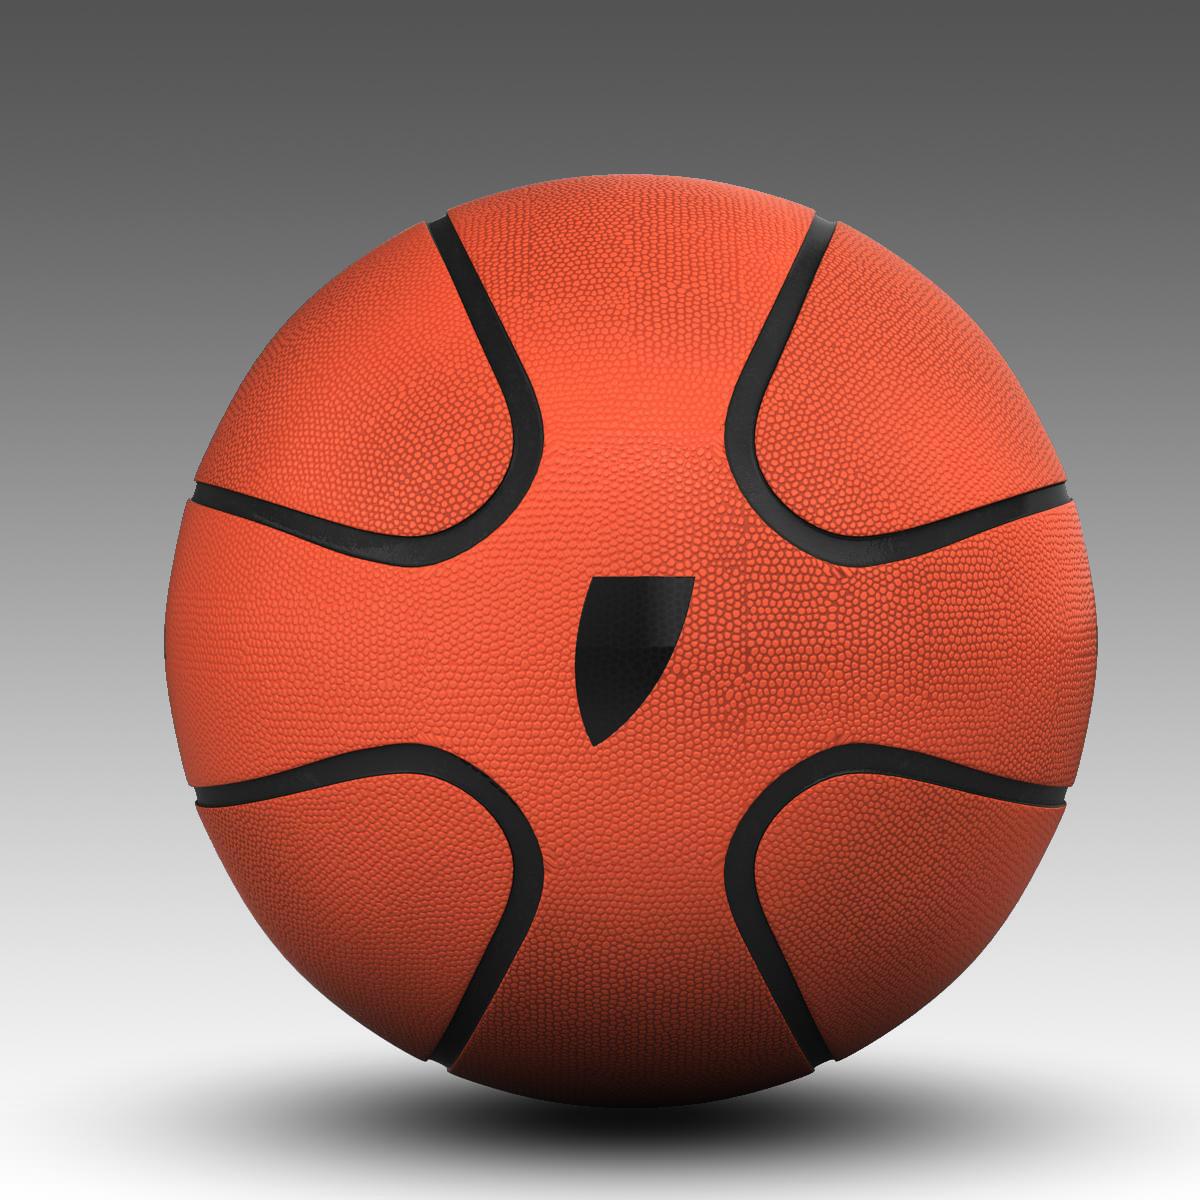 košarkaška lopta zvijezda narančasta 3d model 3ds max fbx c4d ma mb obj 165723